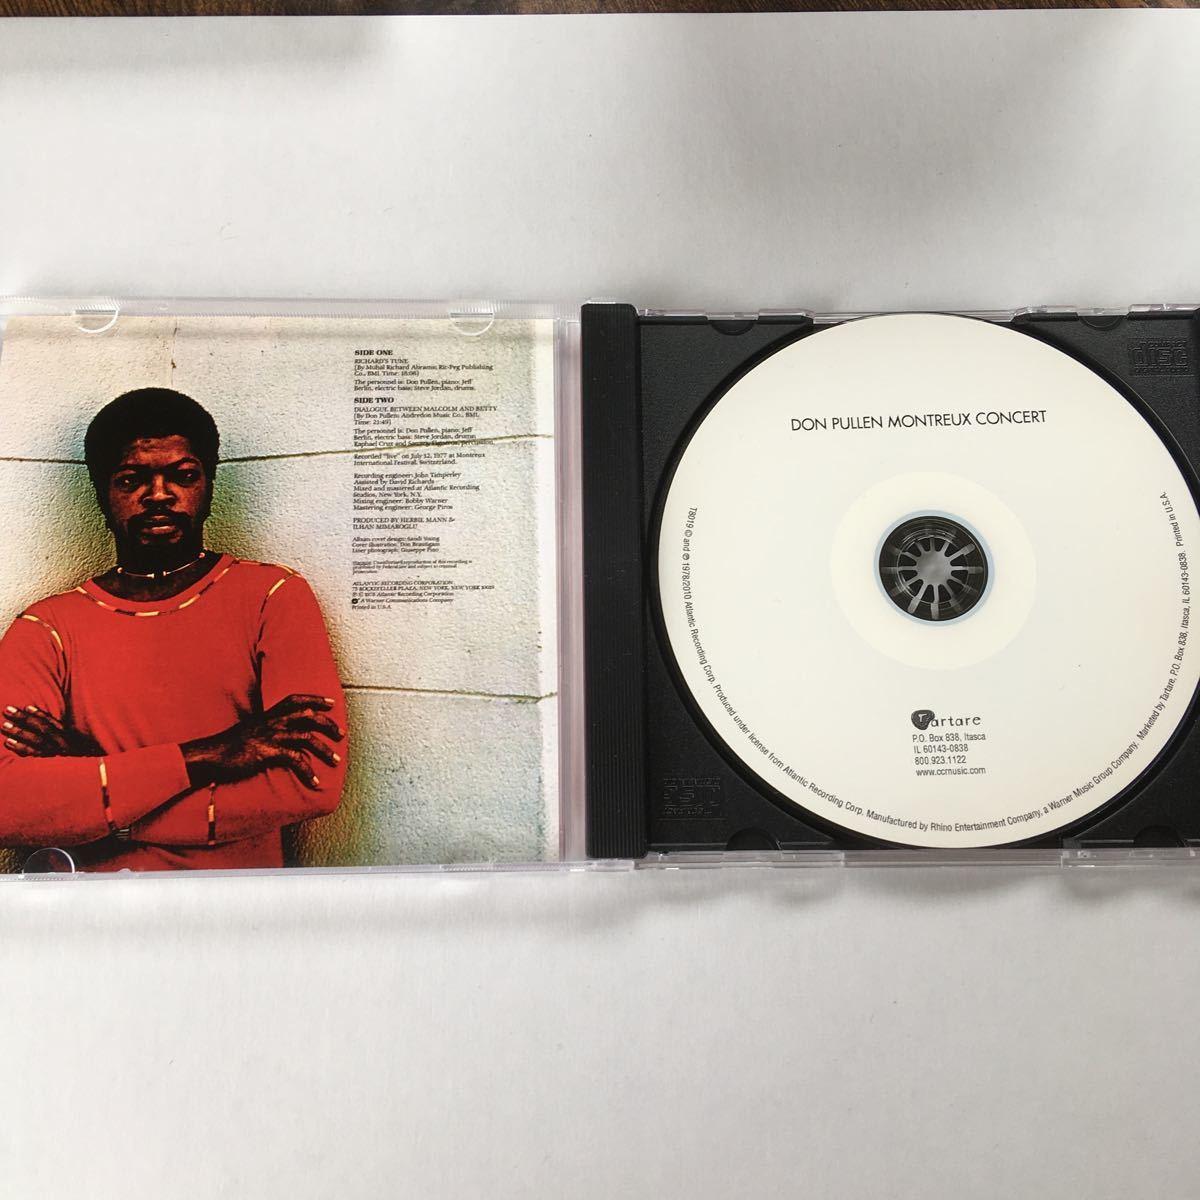 【送料無料】 Don Pullen Montreux Concert ドン・ピューレン モントルー・コンサート CD_画像3